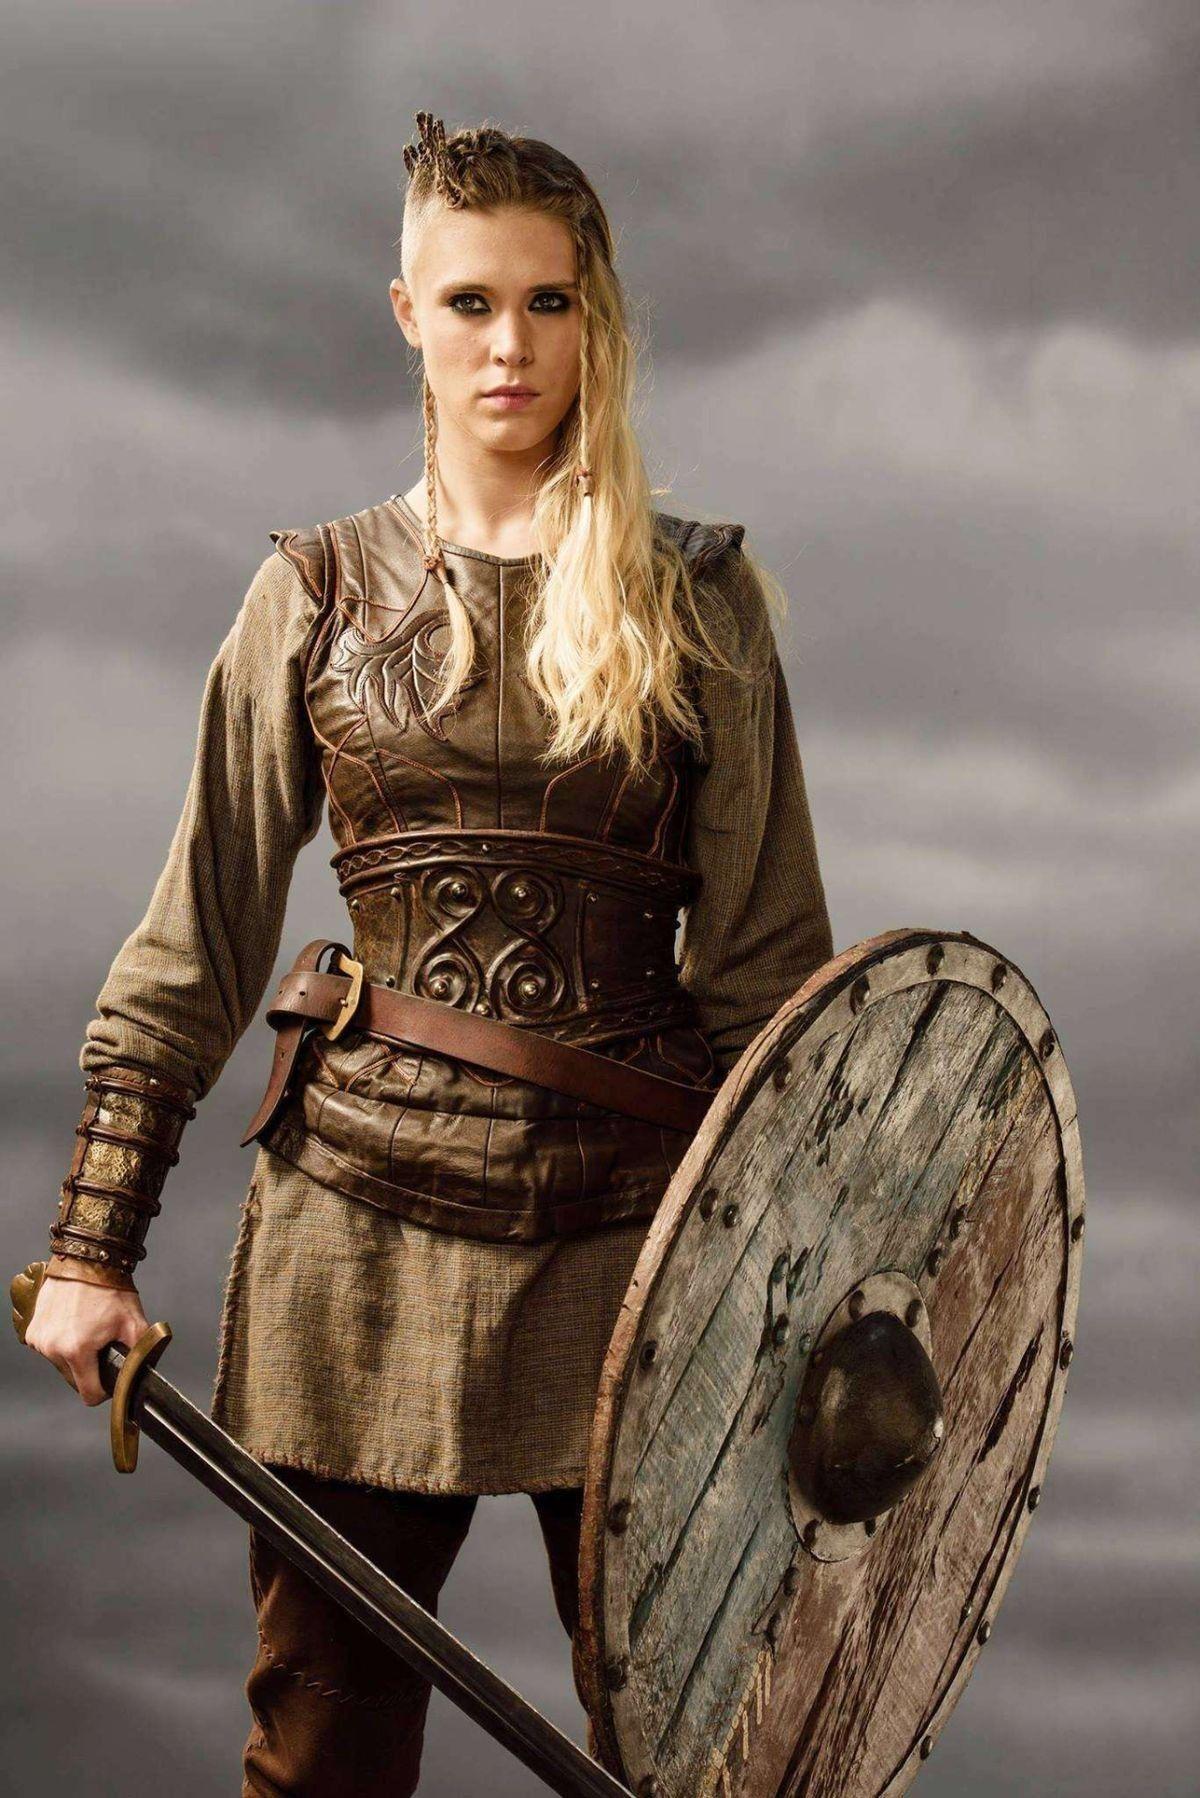 Sencillo y bonito vikingos peinados Imagen De Tendencias De Color De Pelo - Pin by Tsang Eric on Military / Fighter (Girl) | Warrior girl